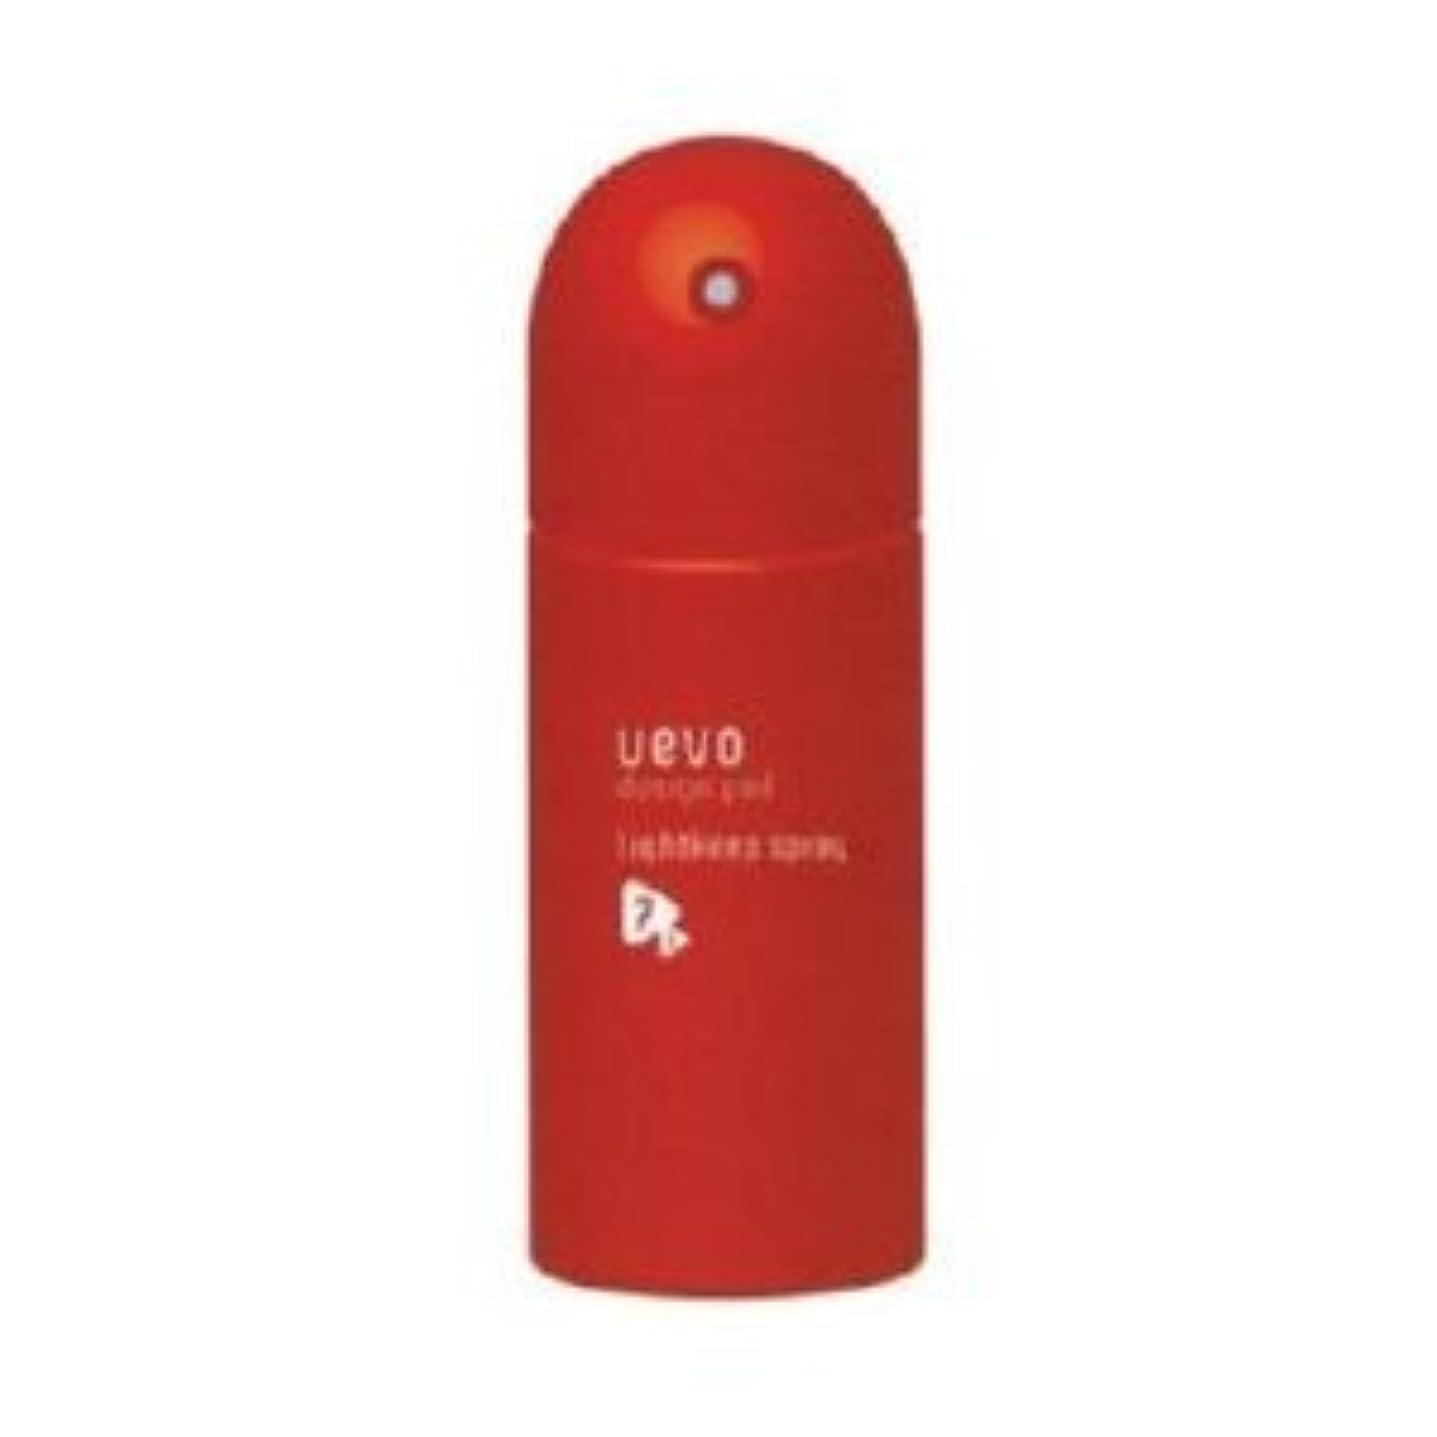 論理的にスポーツの試合を担当している人マークされた【X2個セット】 デミ ウェーボ デザインポッド ライトキープスプレー 220ml lightkeep spray DEMI uevo design pod